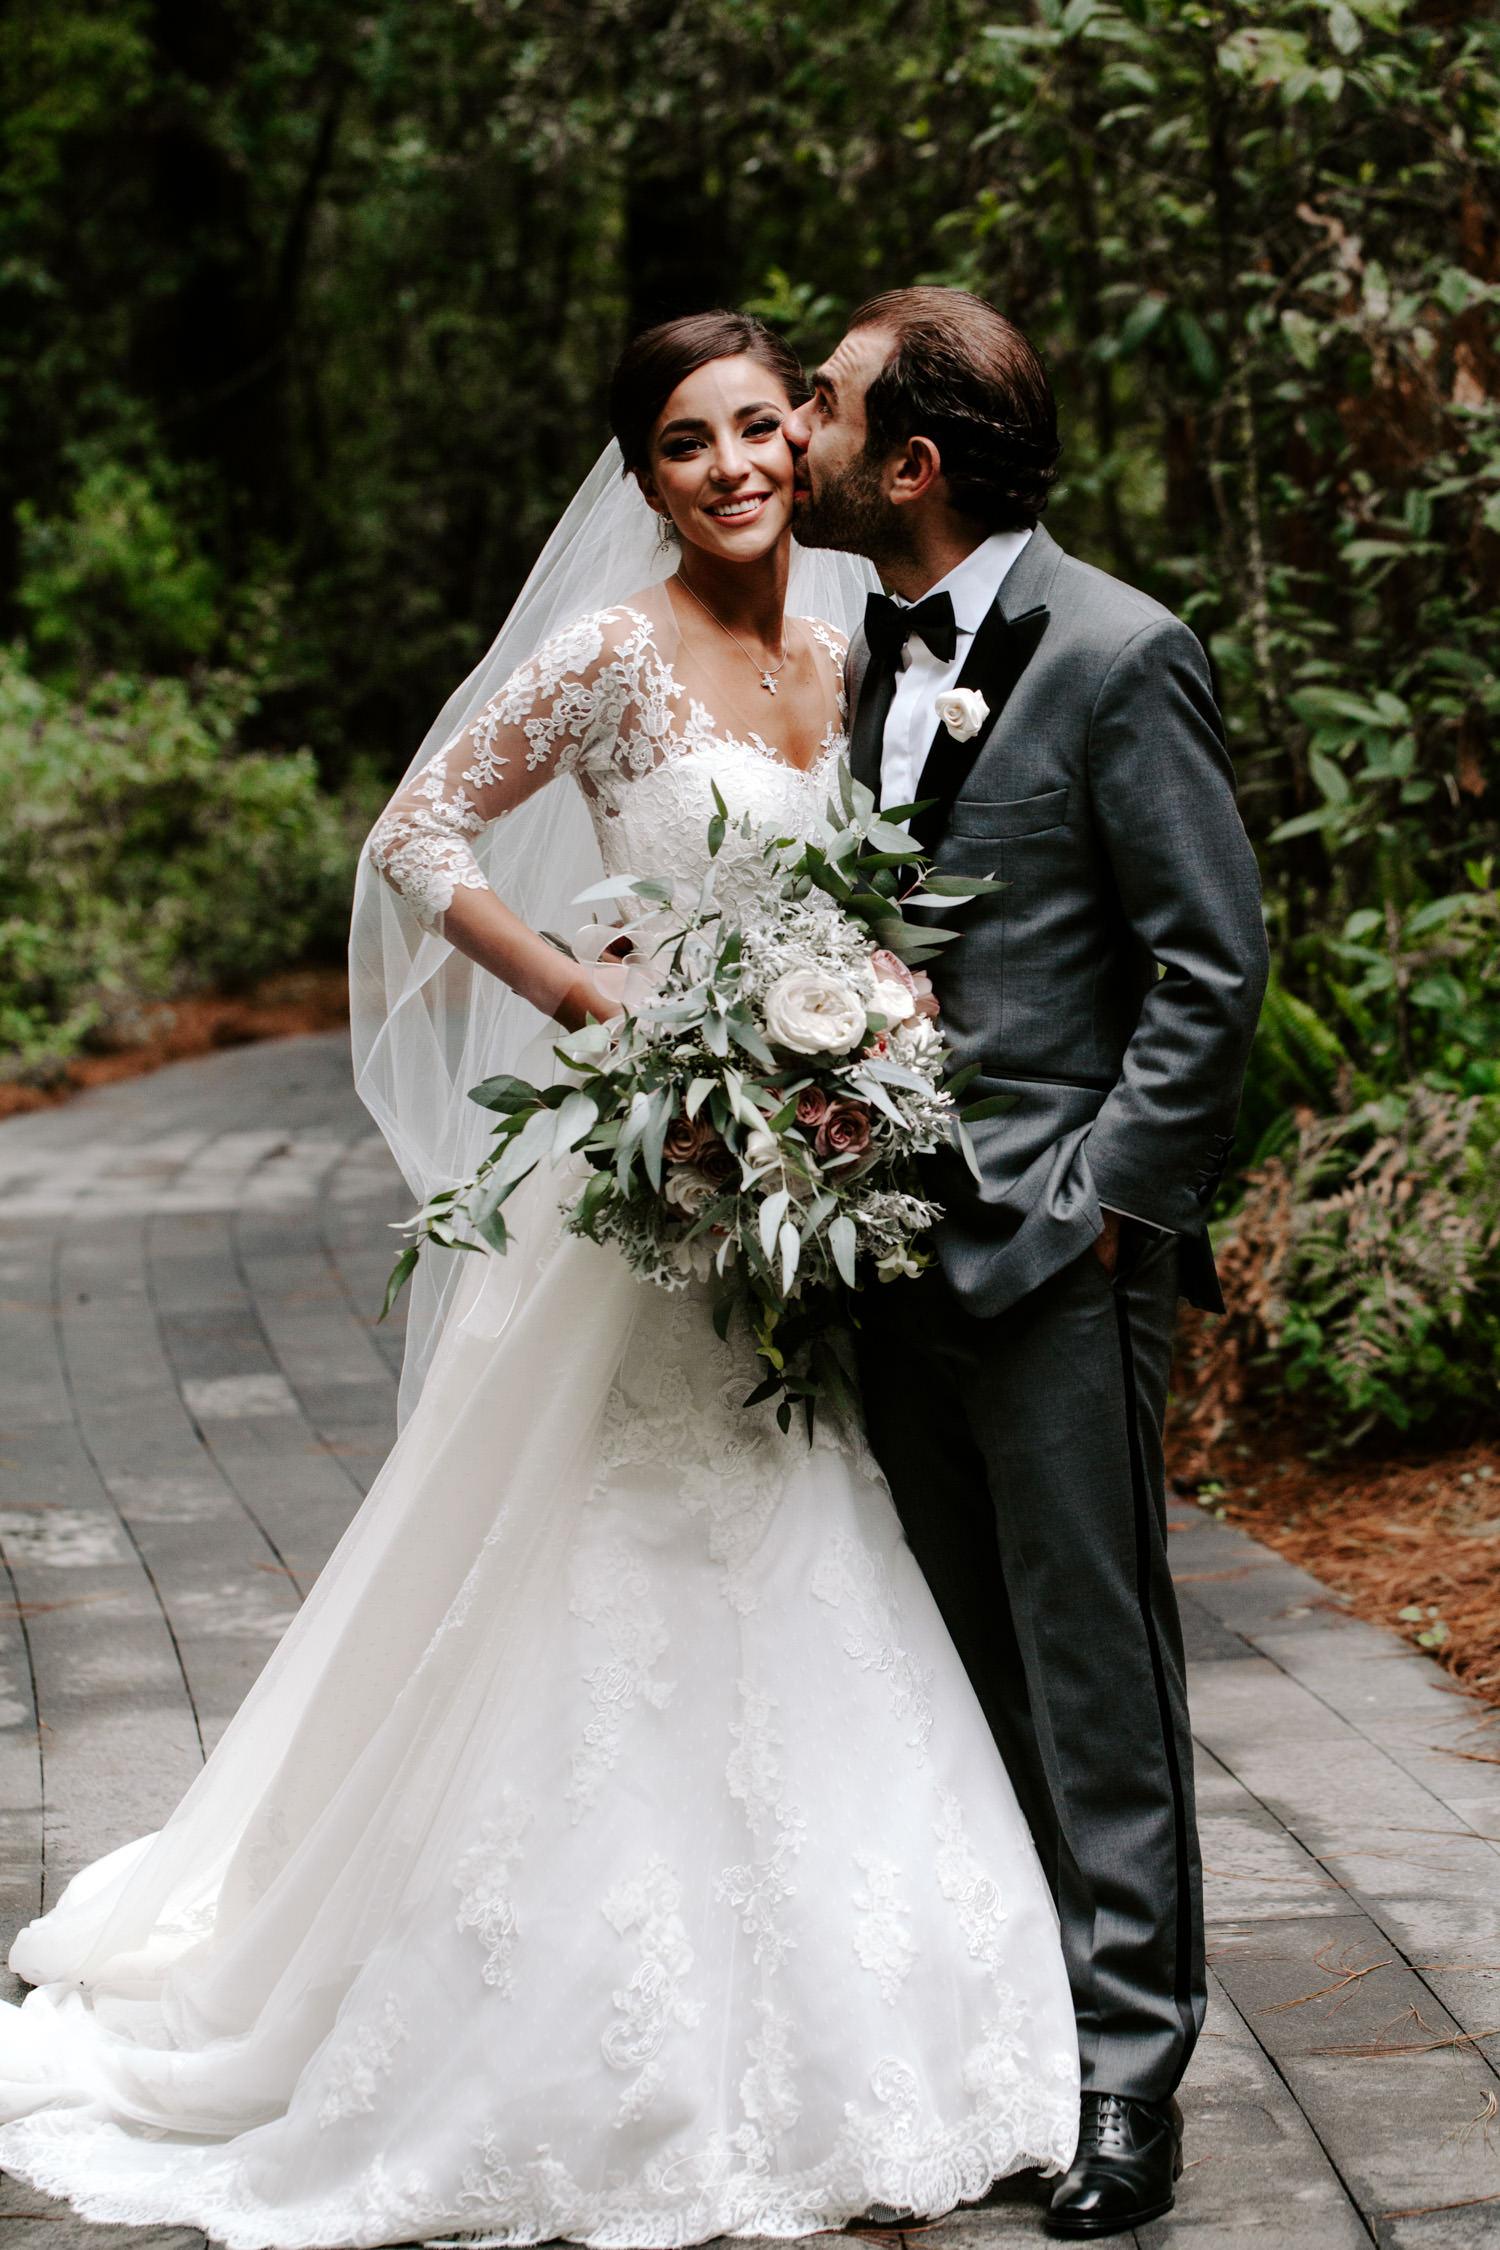 fotografia-de-boda-valle-de-bravo-mexico-rosmarino-pierce-weddings-0249.JPG